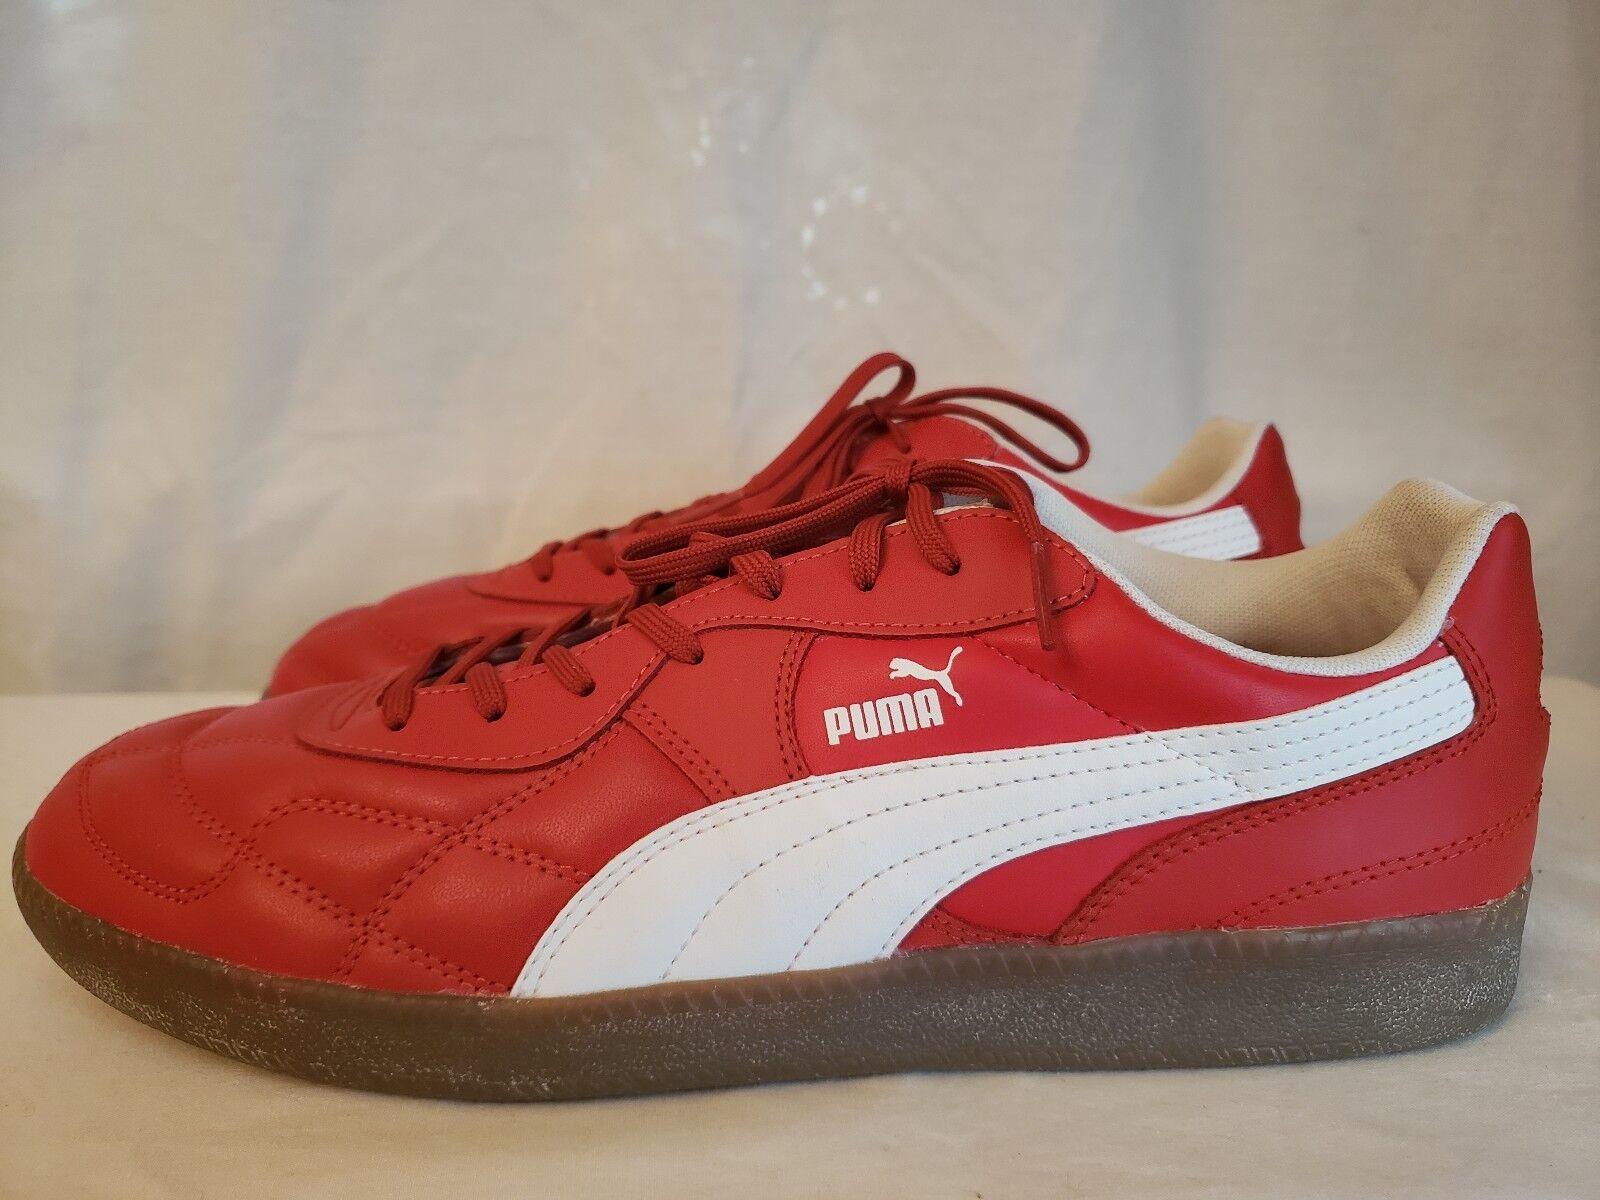 Puma Esito Classic Sala Size 11 Red   White 10254909